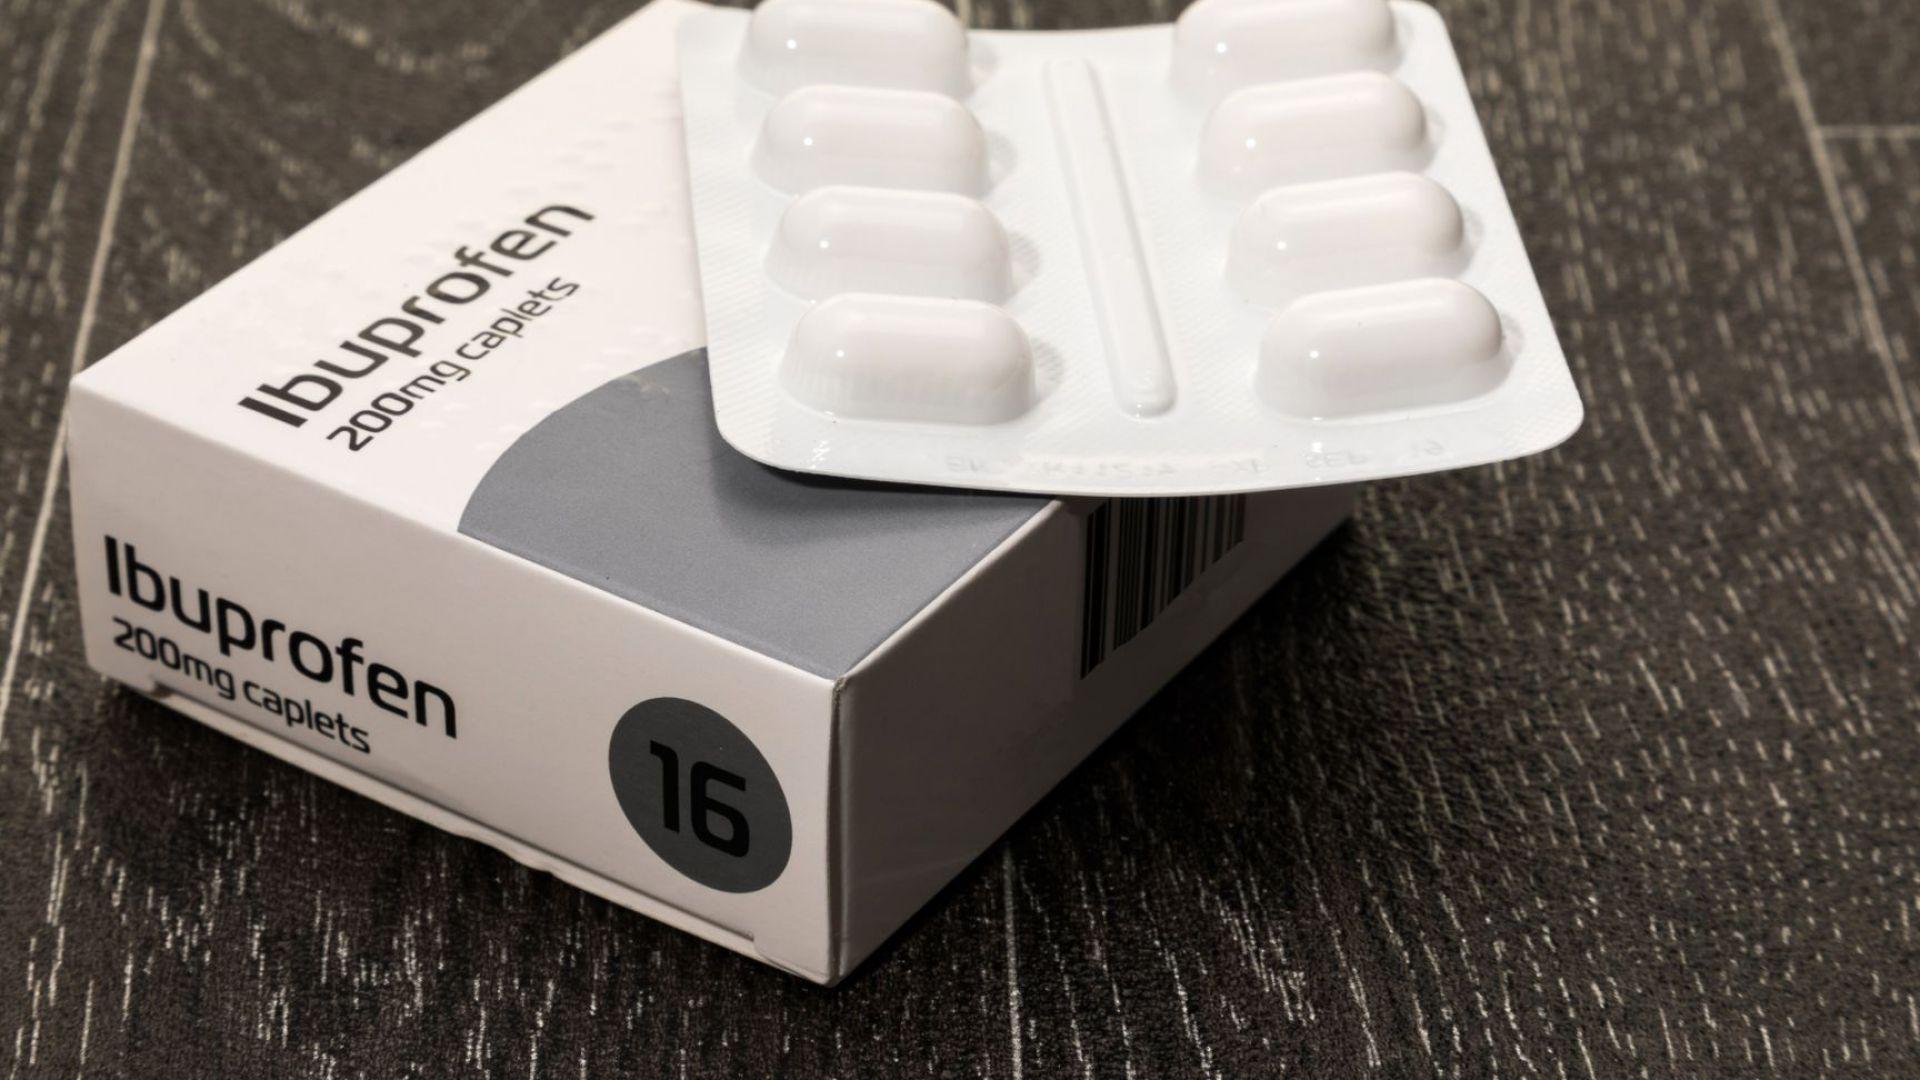 Европейската агенция по лекарствата: Няма доказателства за вреда на ибупрофена при Covid-19